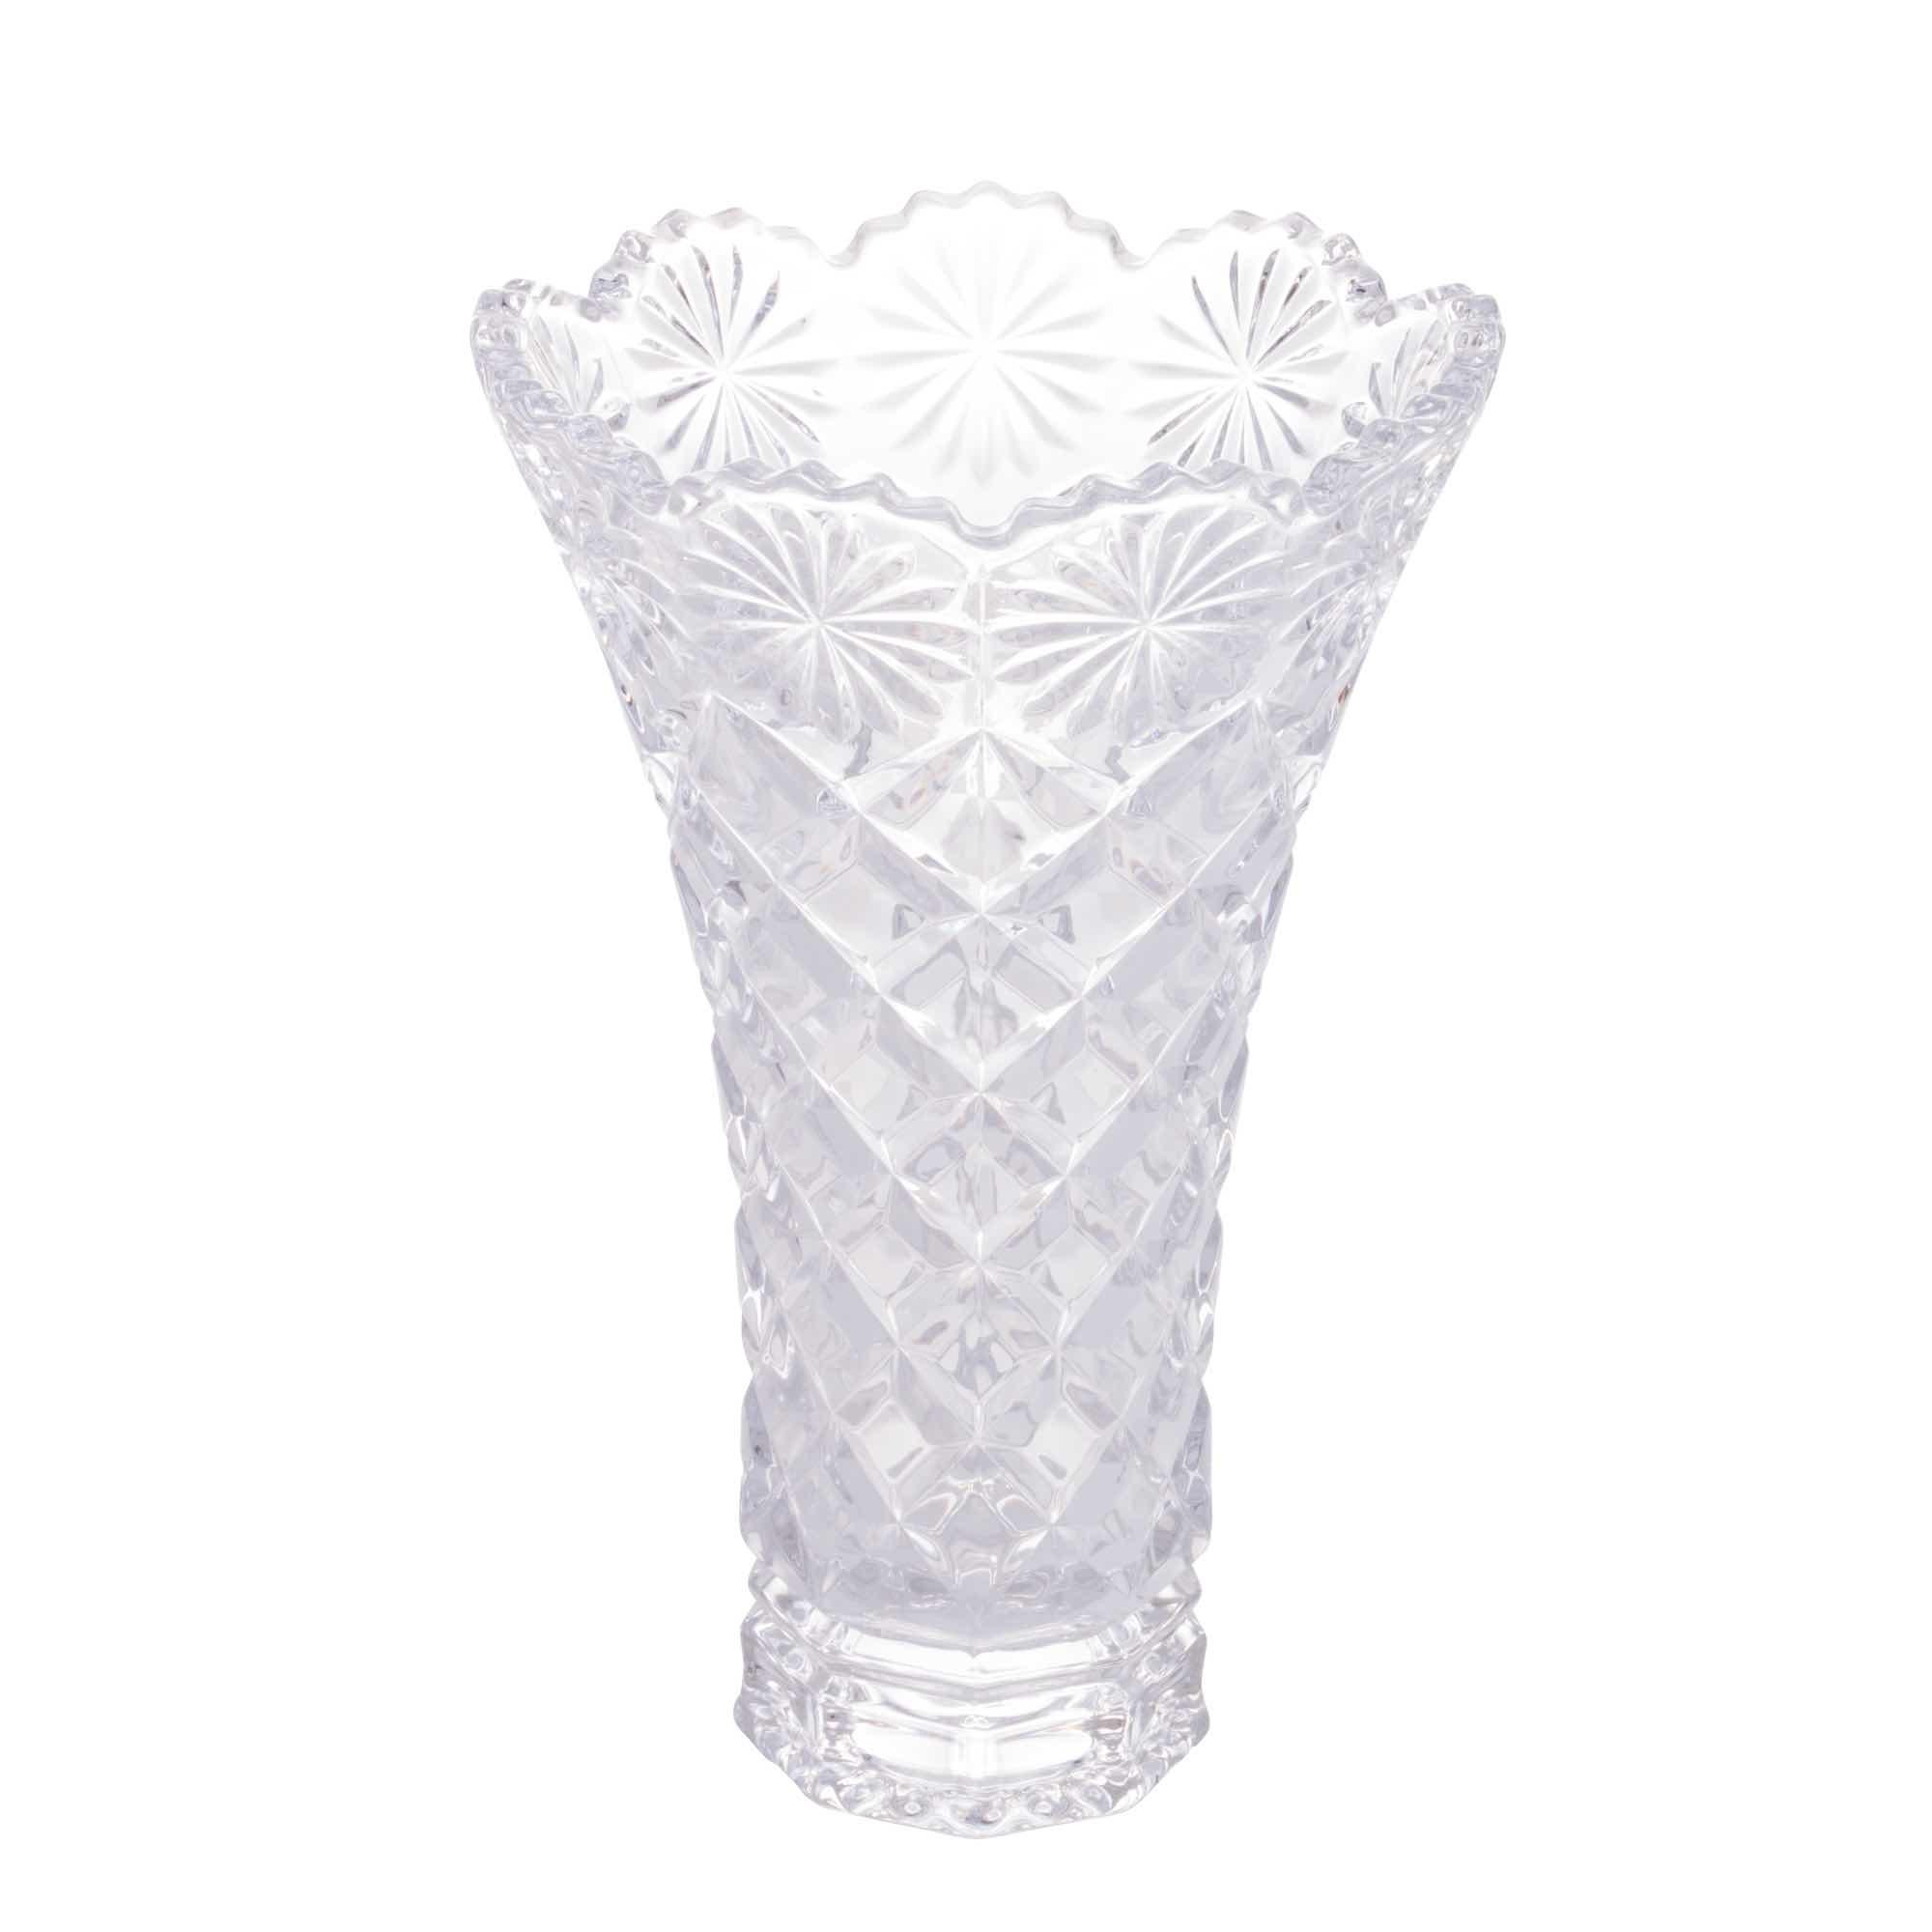 Vaso de Cristal Diamond Star 15 x 25 cm